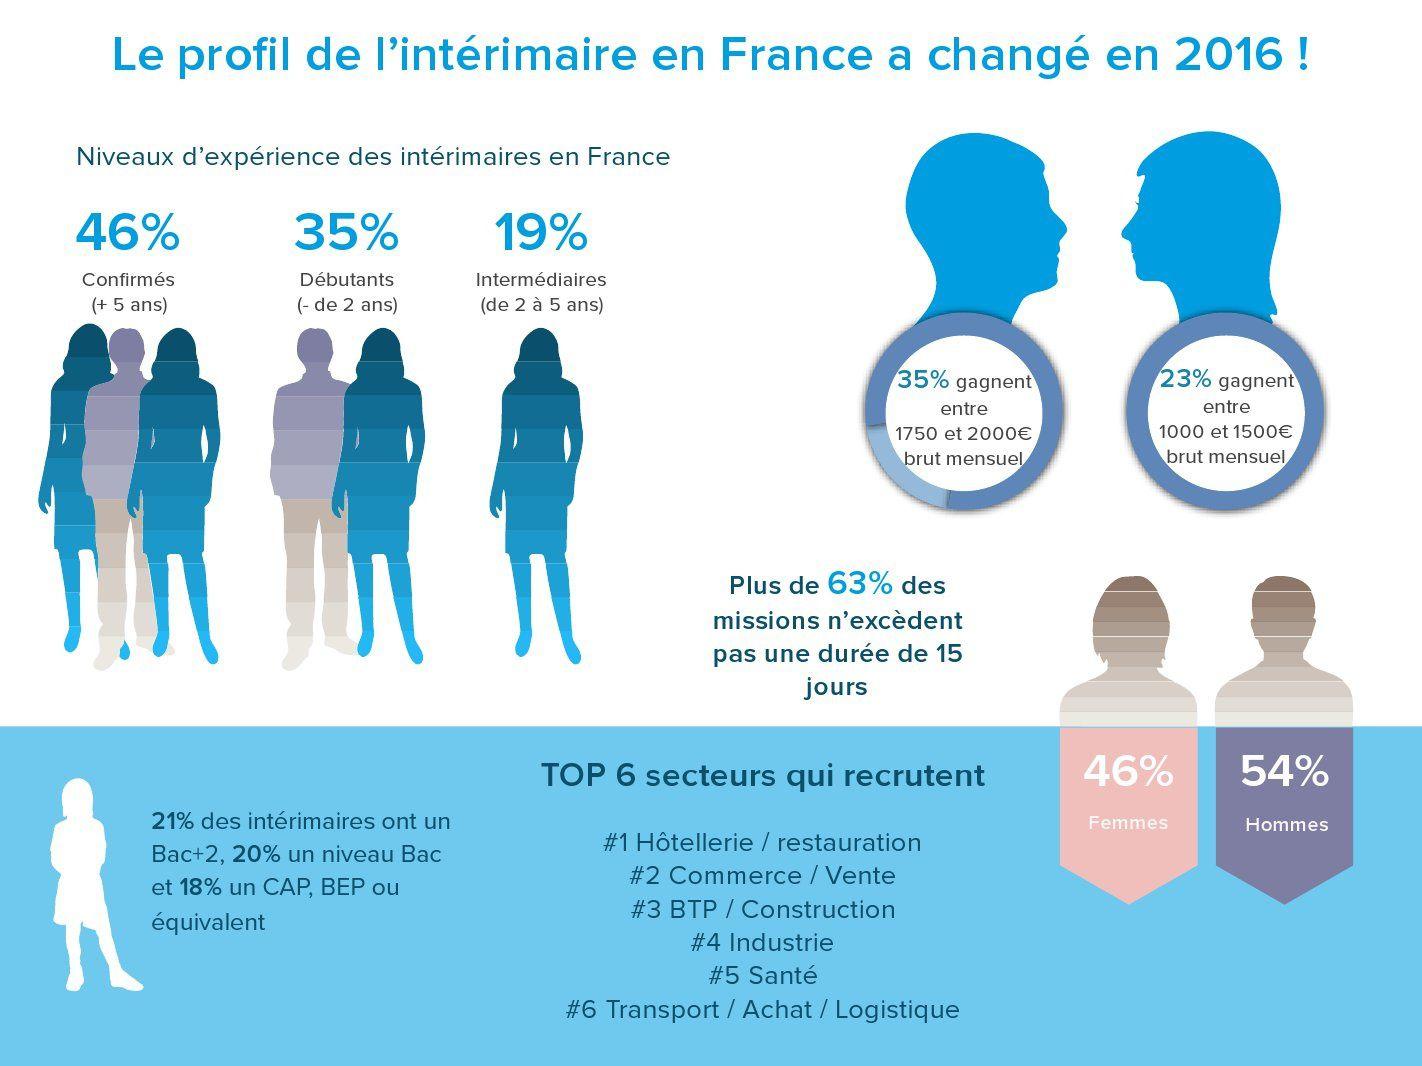 #Emploi : Le profil des intérimaires a bien changé en 2016 !